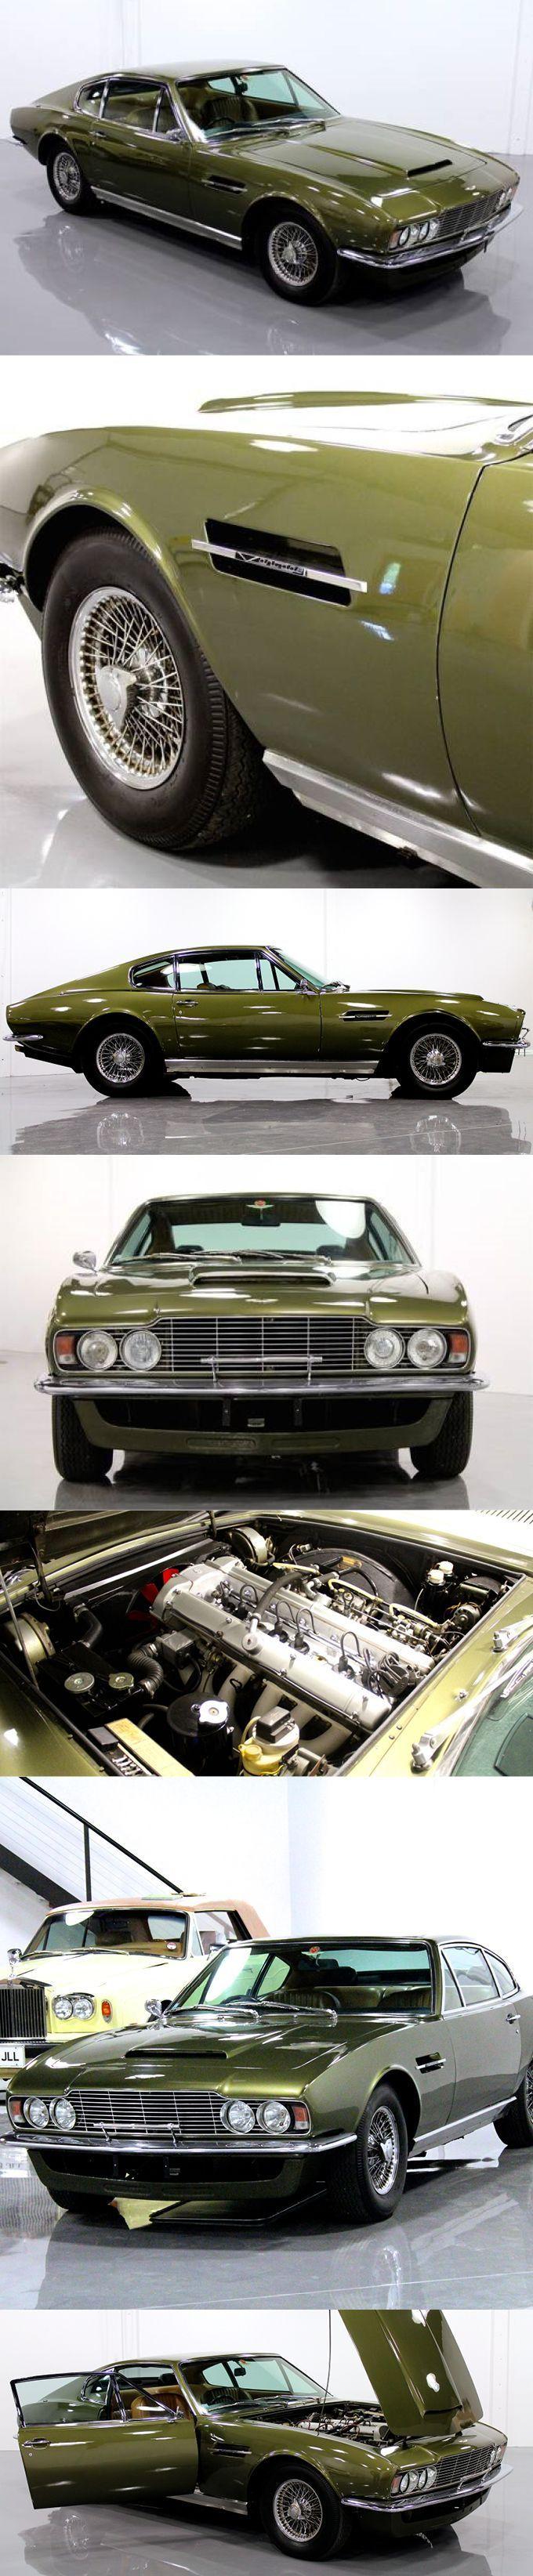 Cool Aston Martin 2017 - 1970 Aston Martin DBS Vantage / 325hp 4.0l L6 / William Towns / UK / green / Wil...